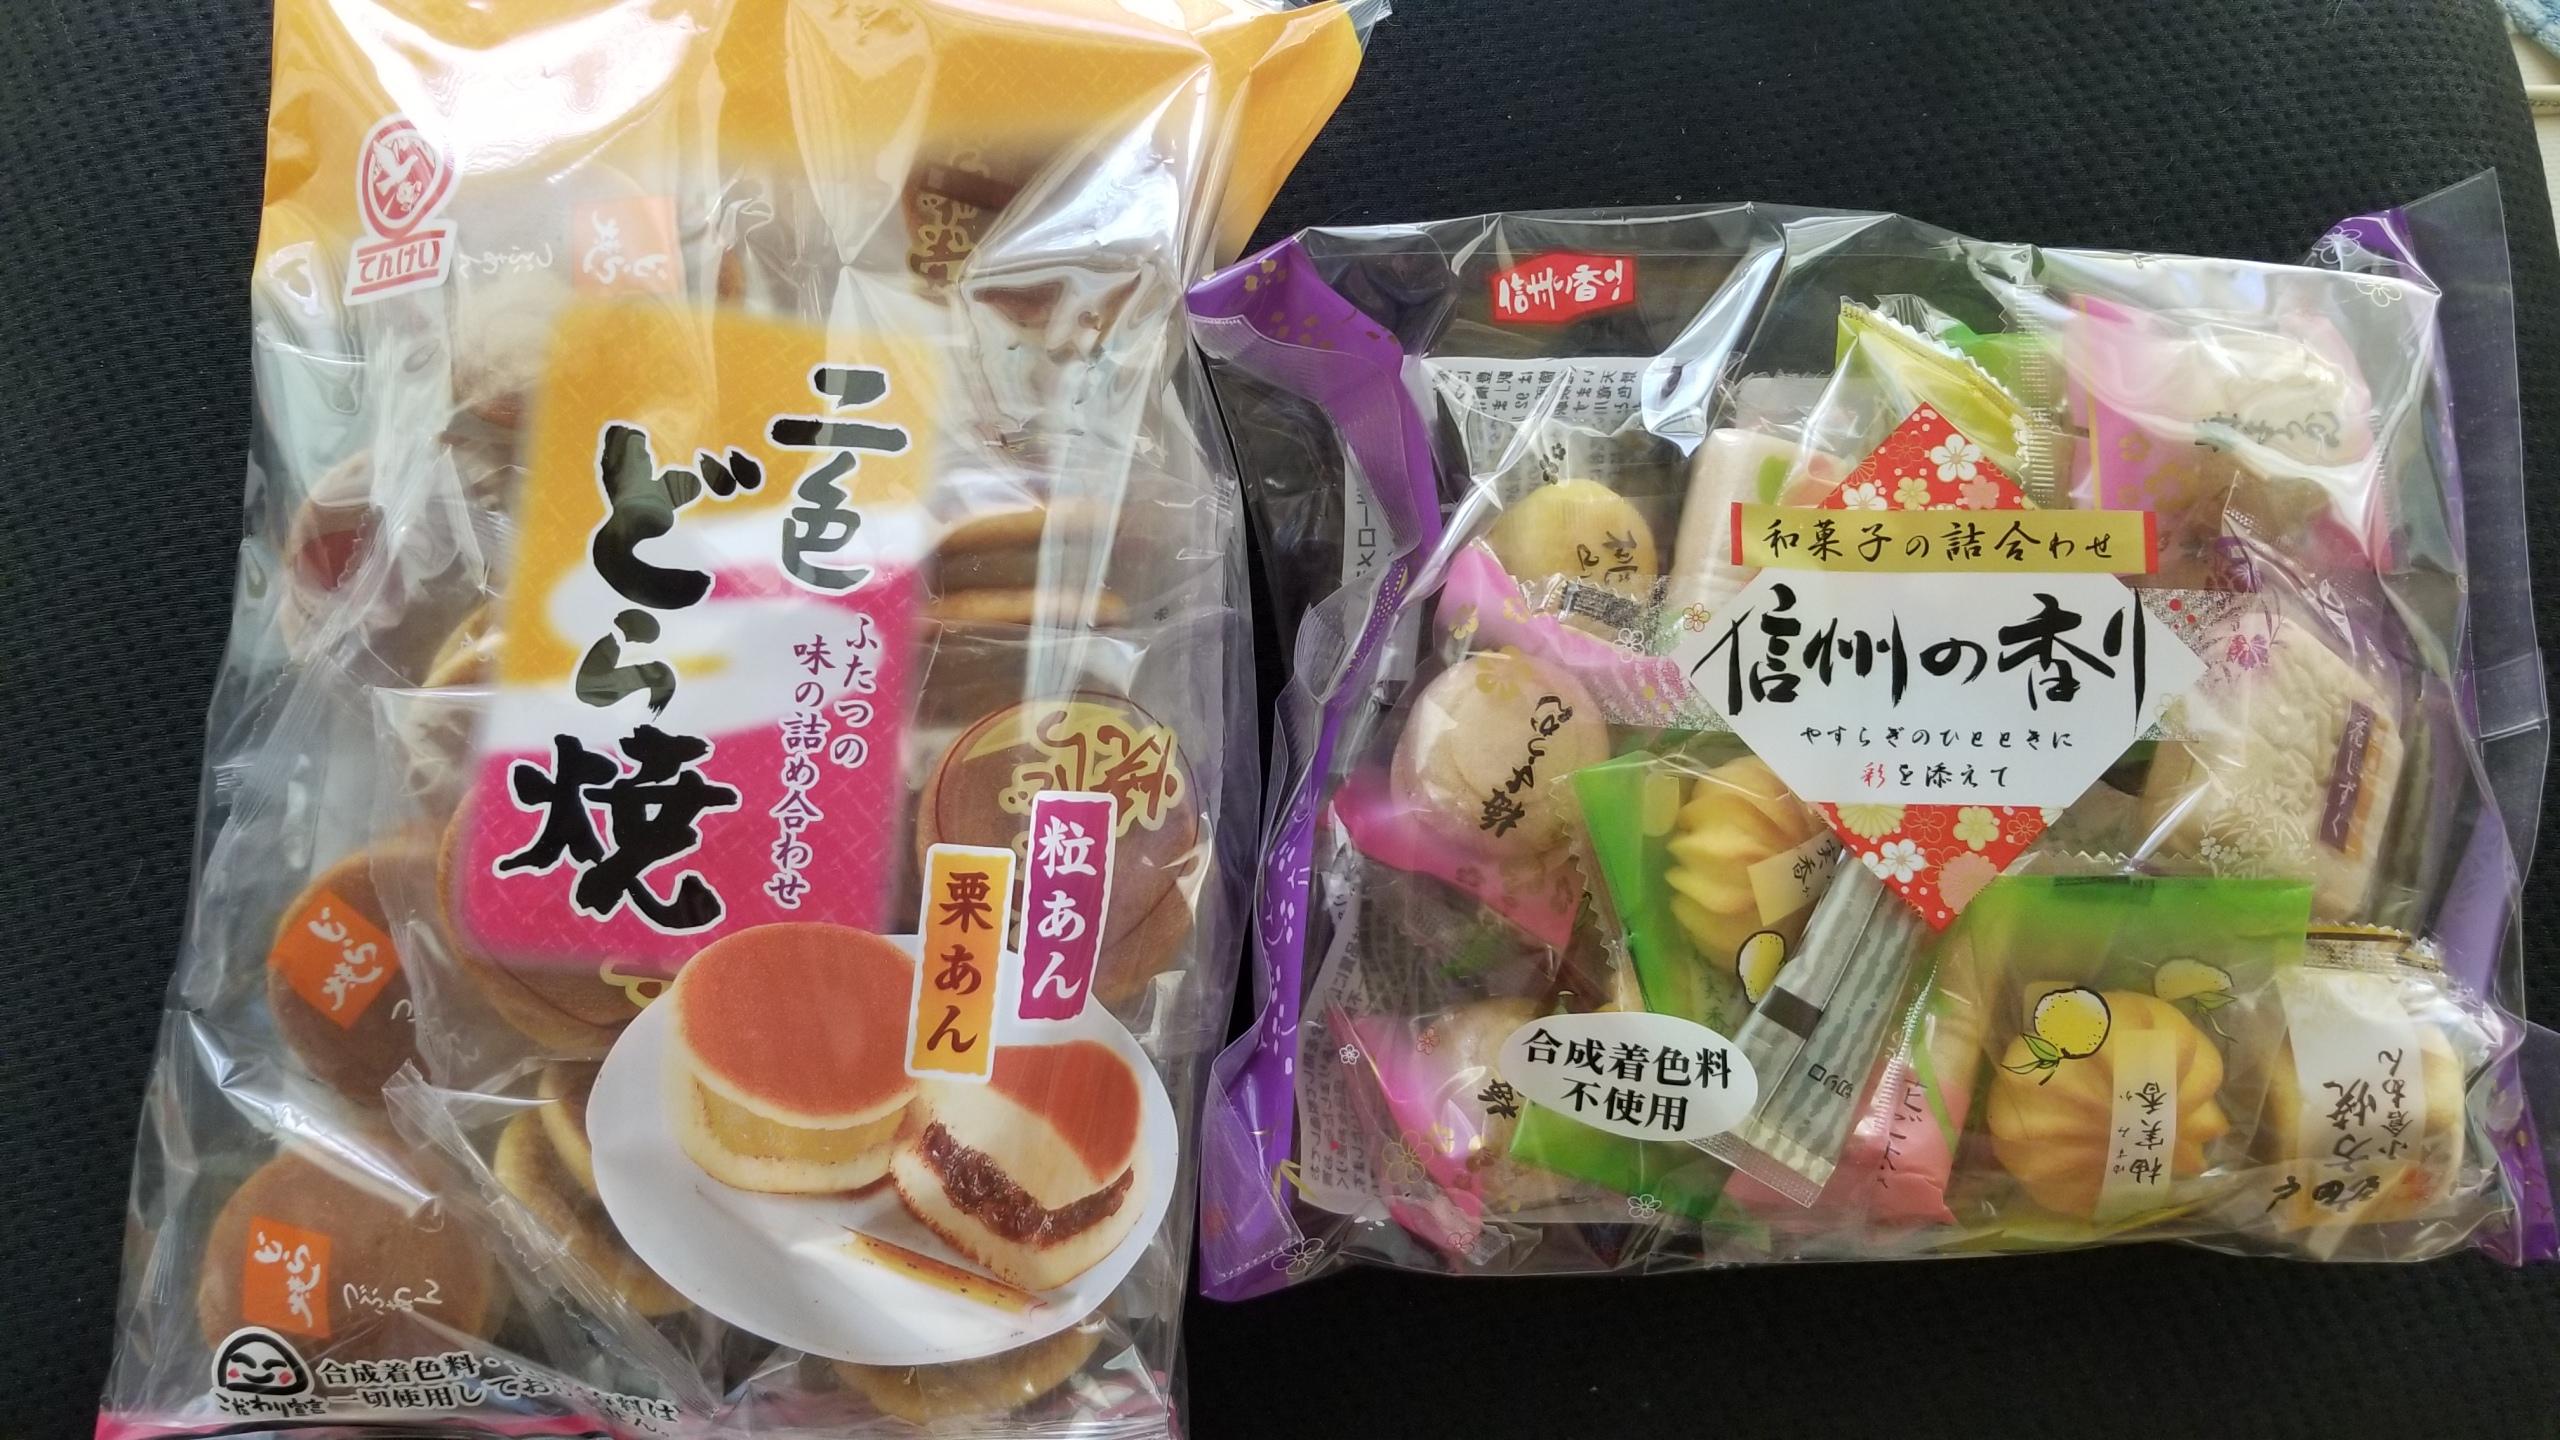 甘い物にハマッている時期,期間,依存しやすい,疲労気味,和菓子大好き